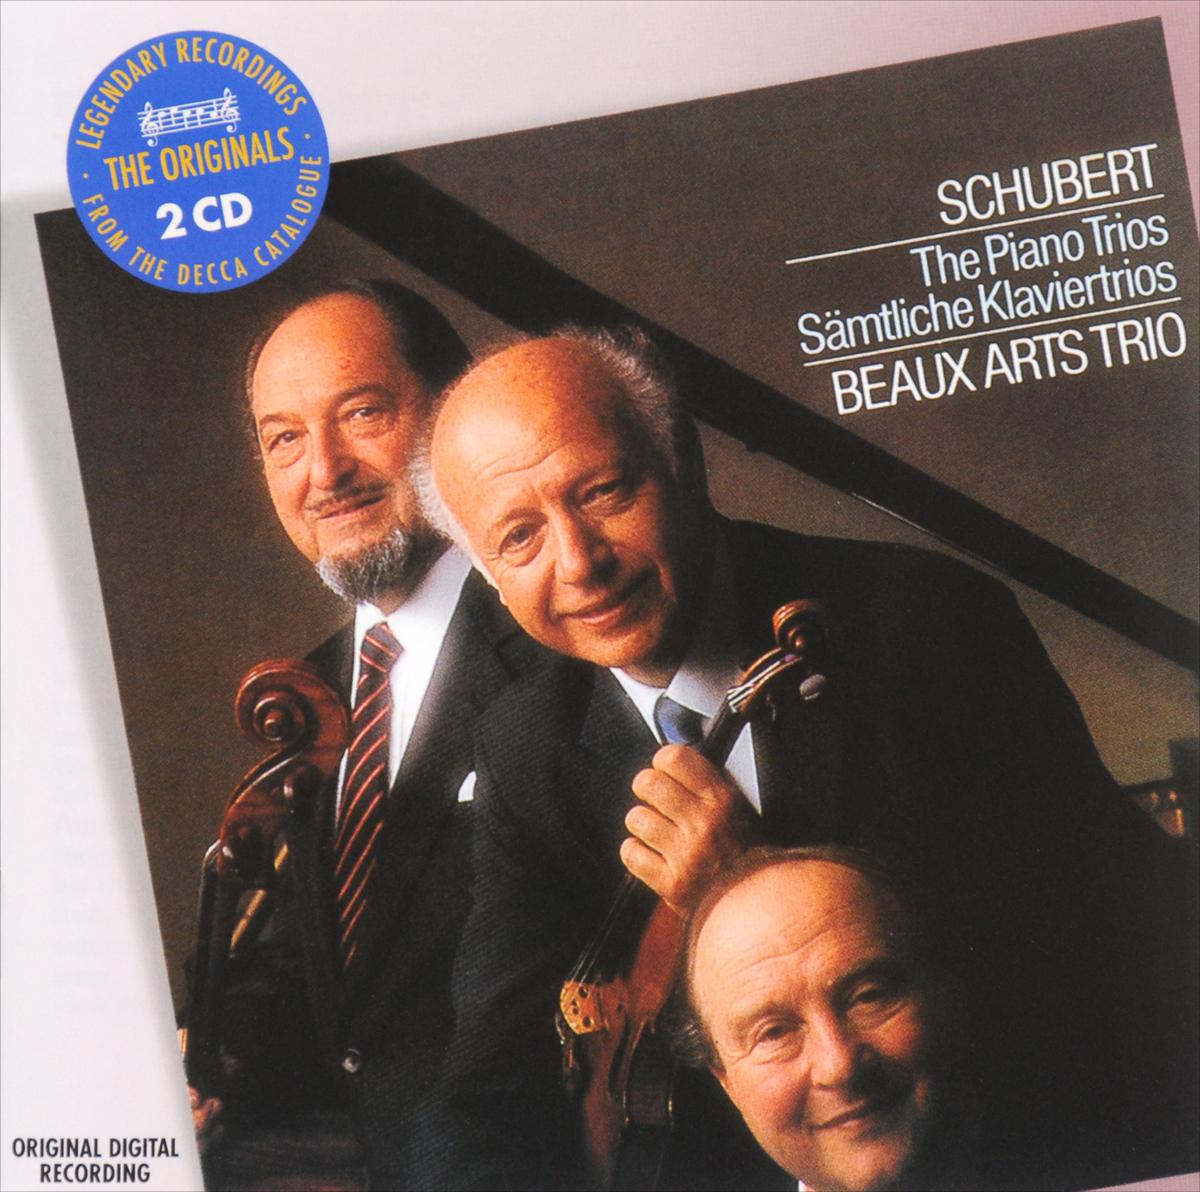 Beaux Arts Trio Beaux Arts Trio. Schubert. The Piano Trios (2 CD) bobo stenson trio serenity 2 cd